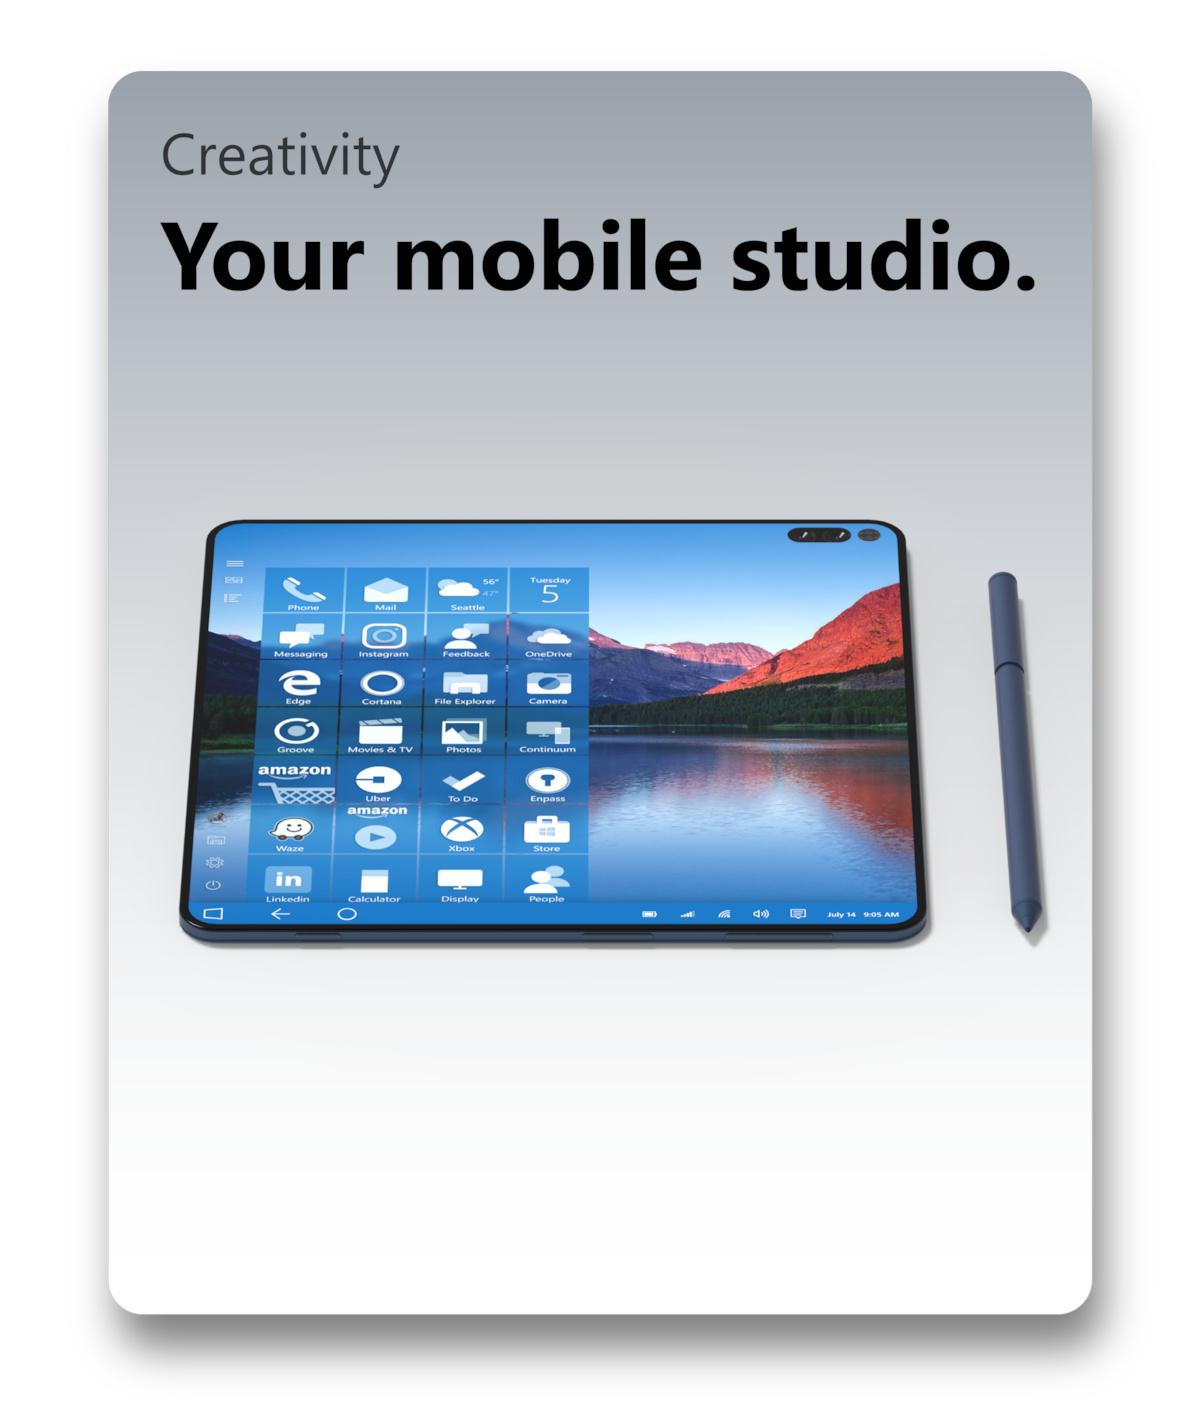 https://mspoweruser.com/wp-content/uploads/2017/06/Surface-Note-8.jpg